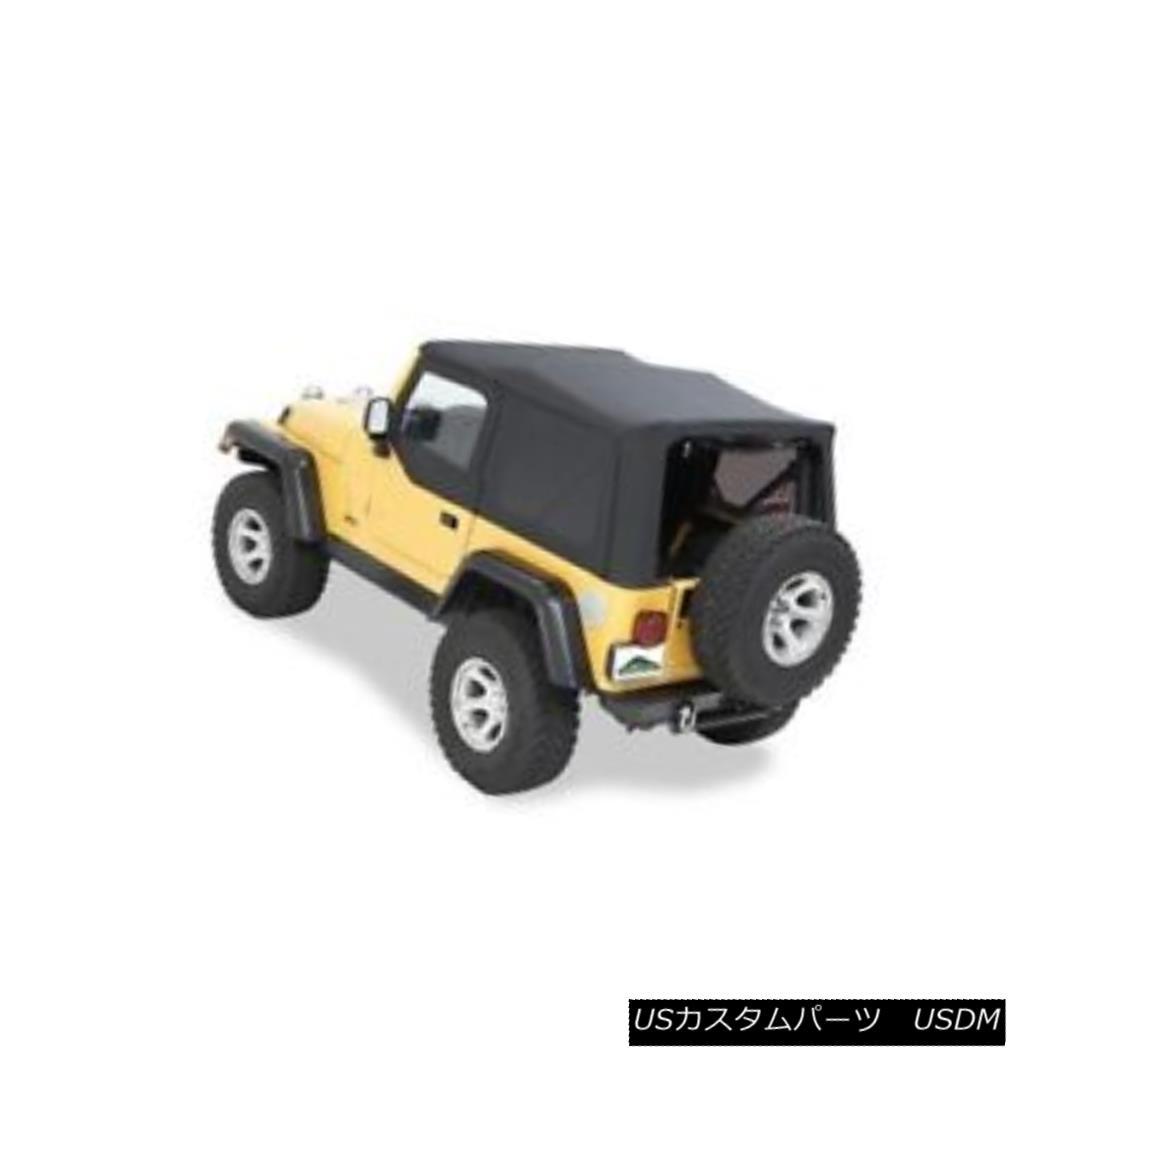 幌・ソフトトップ Pavement Ends 51198-15 Replay Soft Top Black Denim 1997-2002 Jeep Wrangler 舗装端51198-15リプレイソフトトップブラックデニム1997-2002ジープラングラー